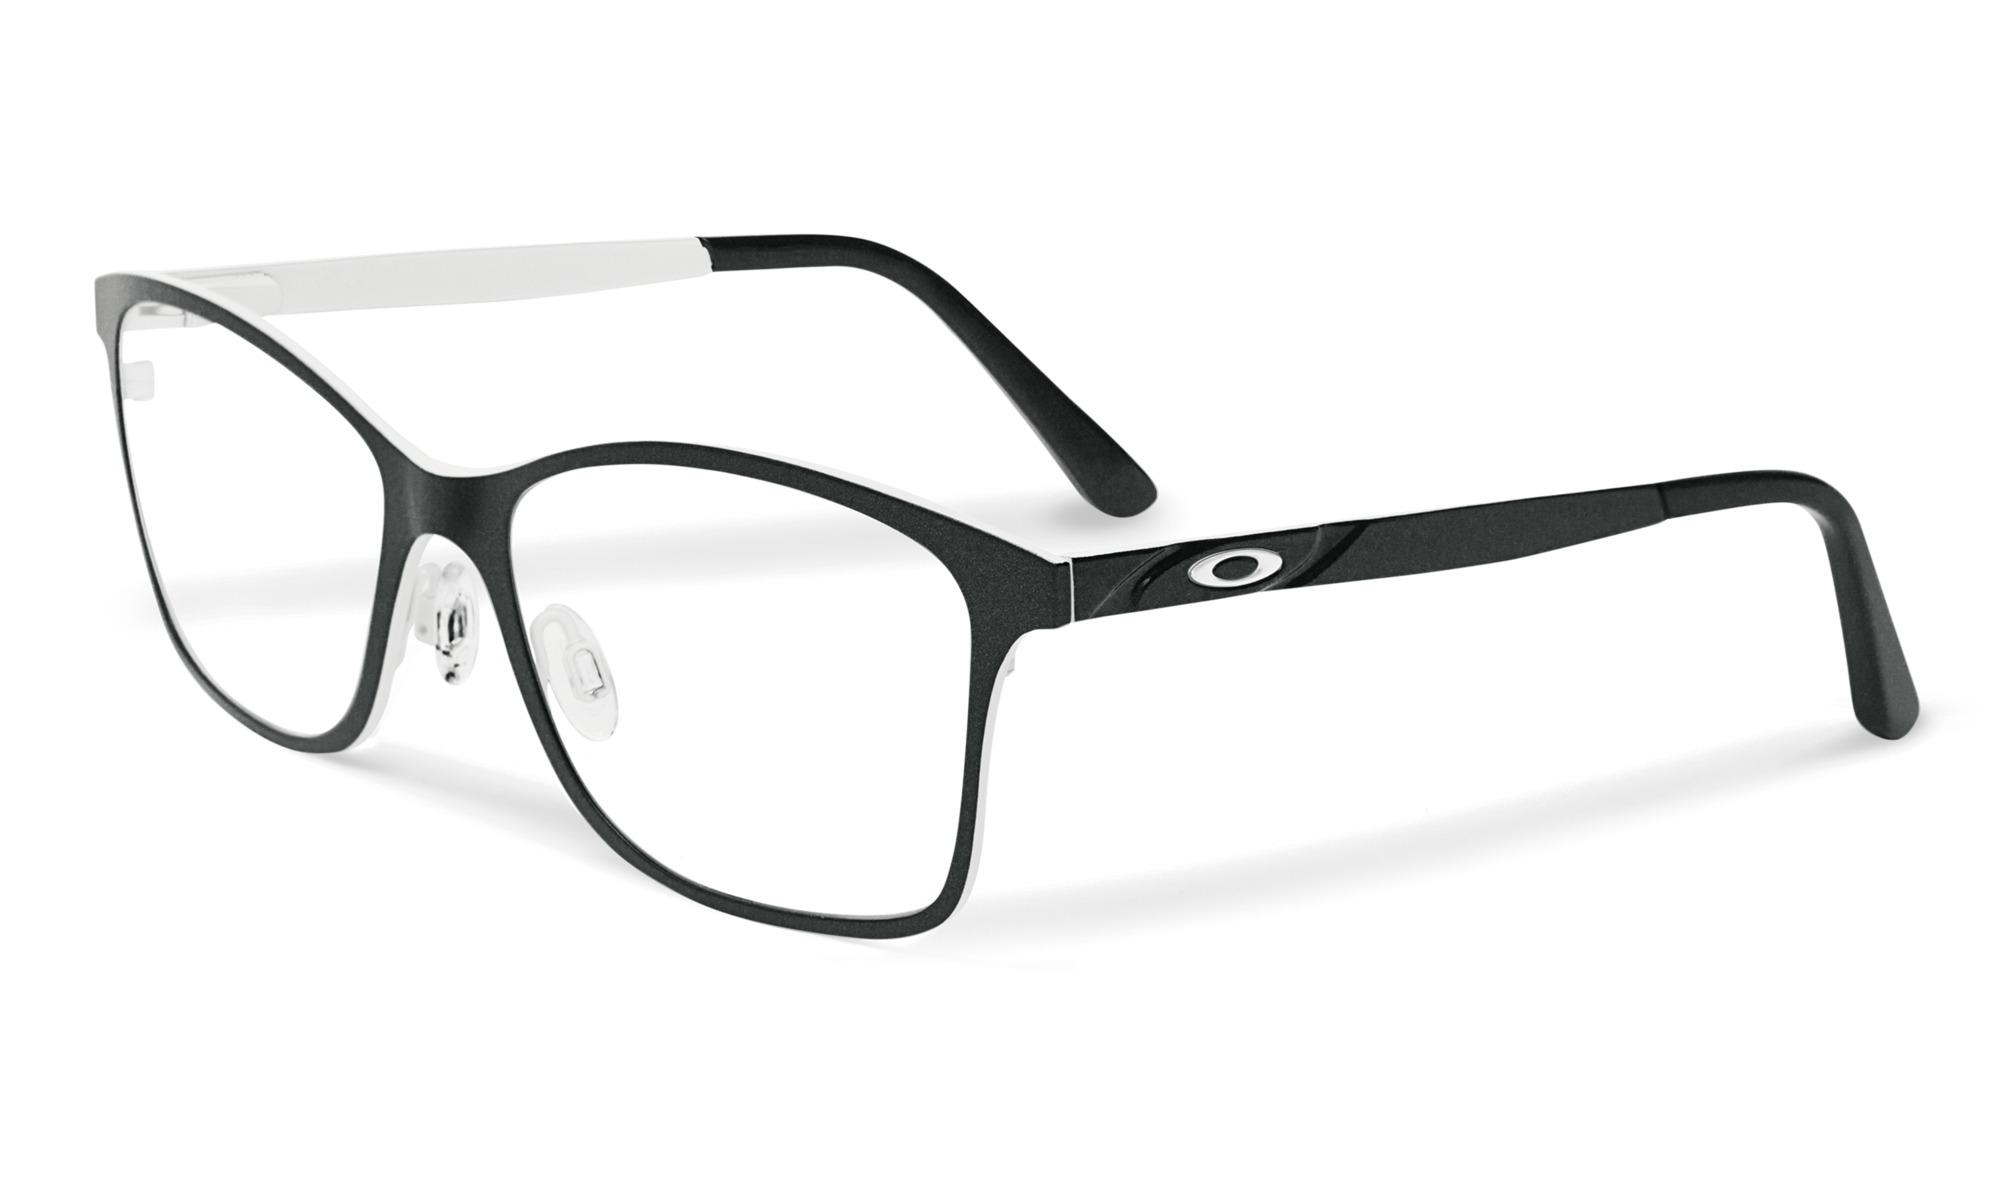 3f0a0eea2da0 Oakley Validate Eyeglass Frames FREE S H OX5097-0253. Oakley ...